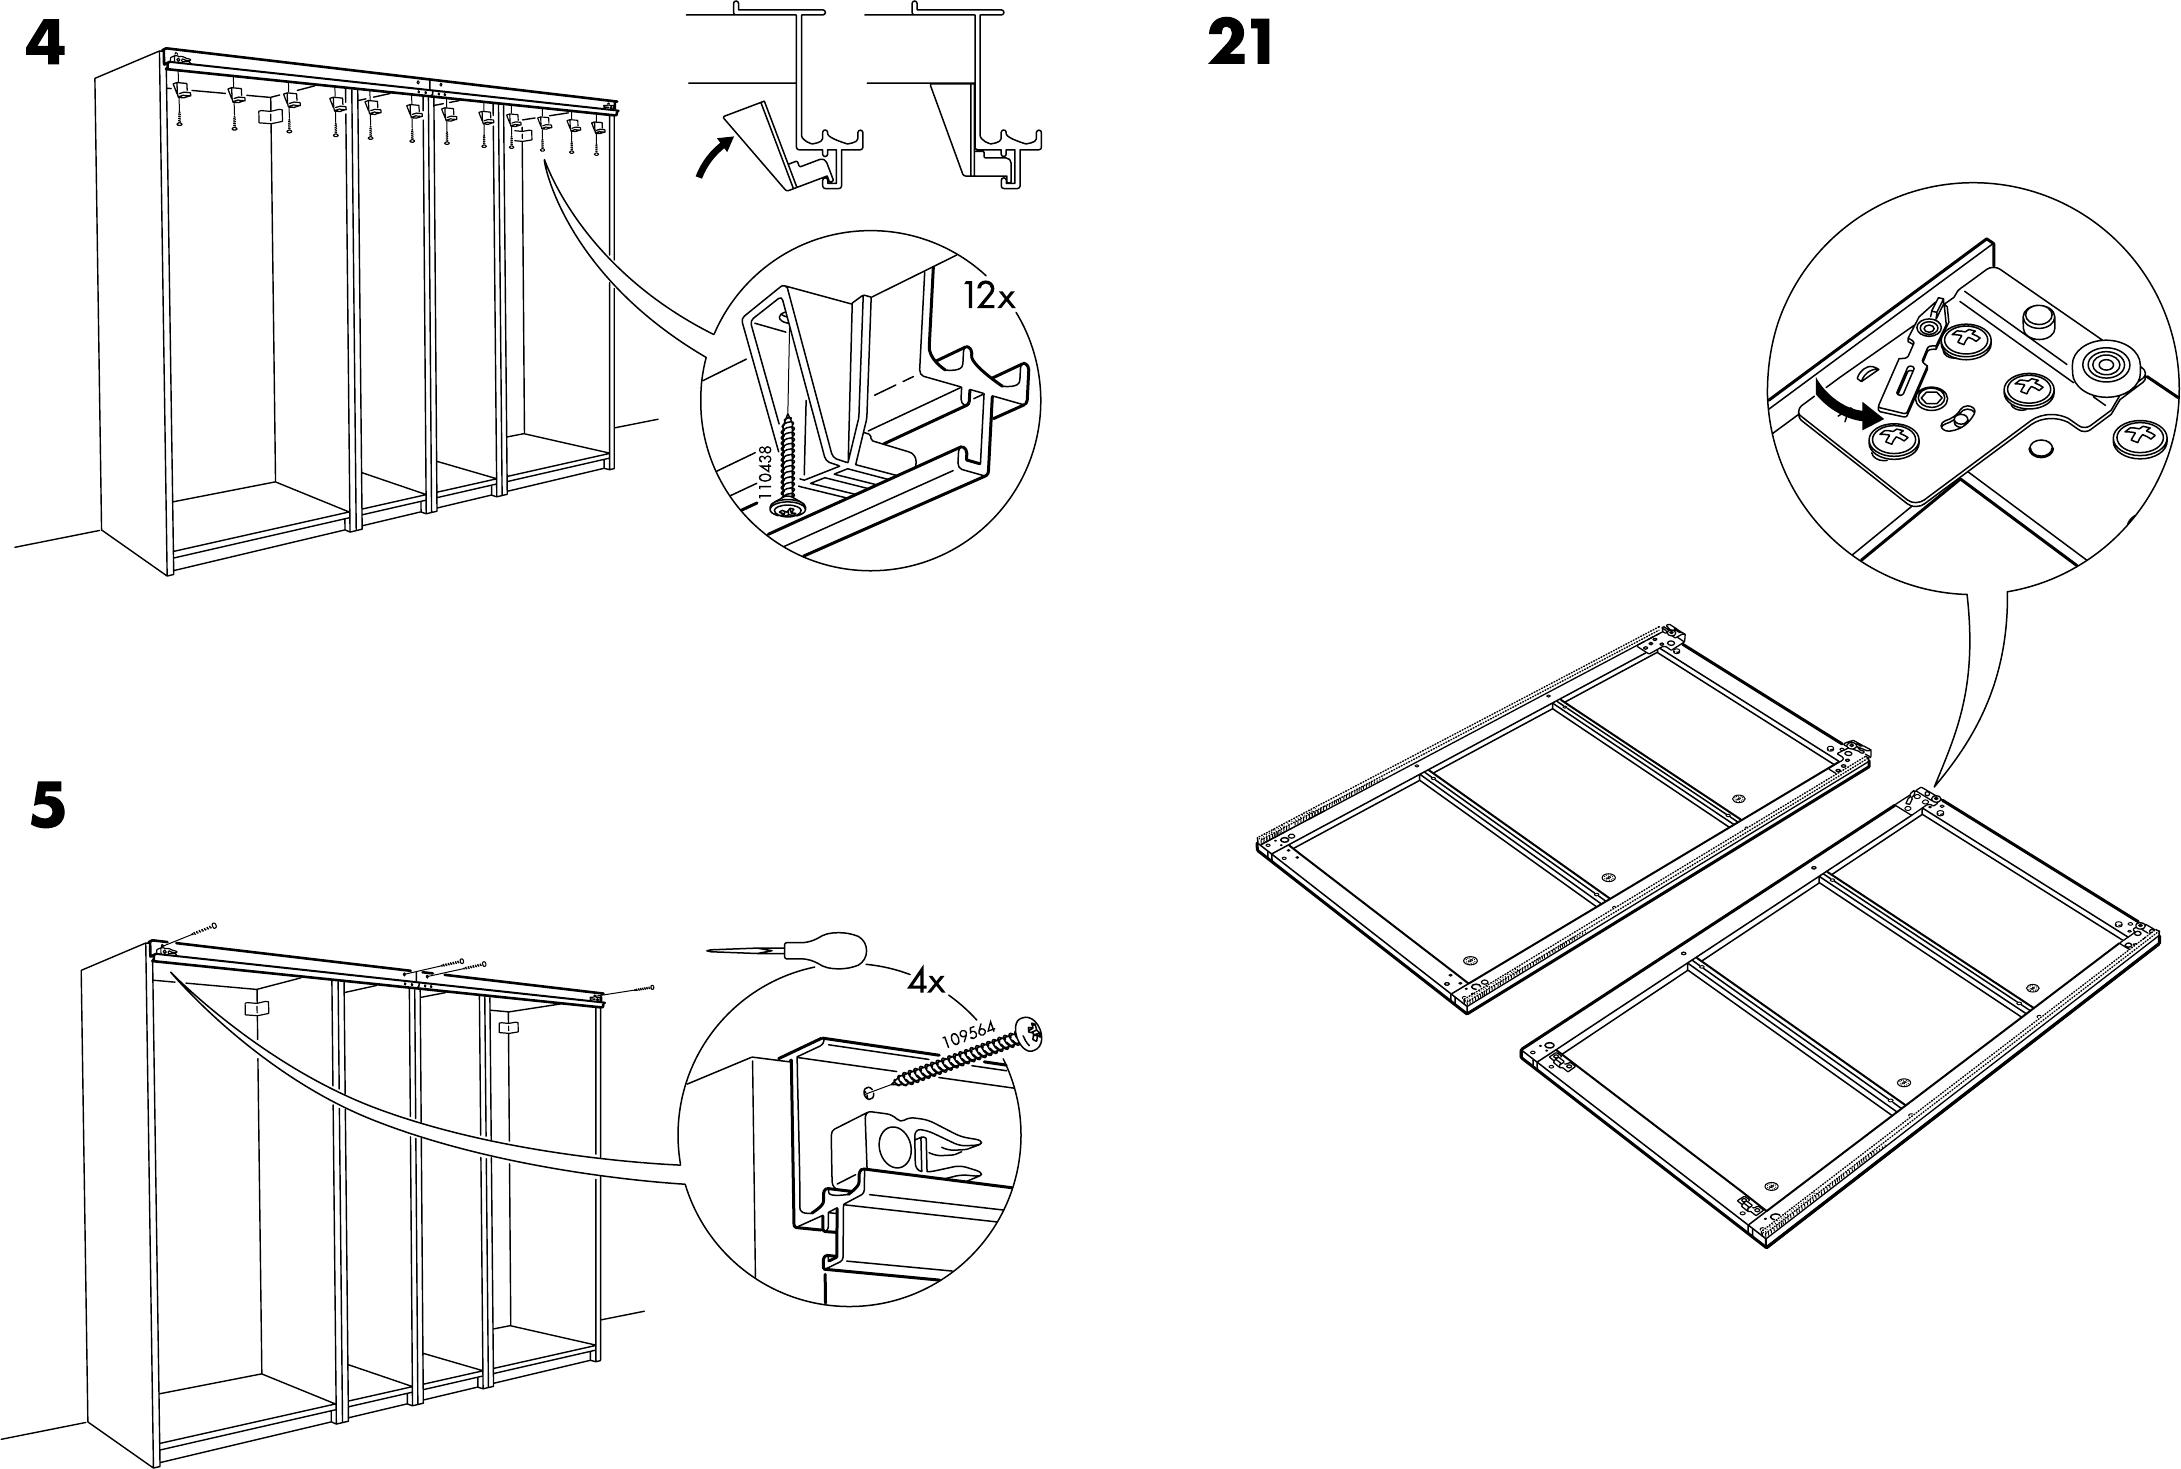 Manual Ikea Pax Stordal Schuifdeuren Page 3 Of 12 Danish